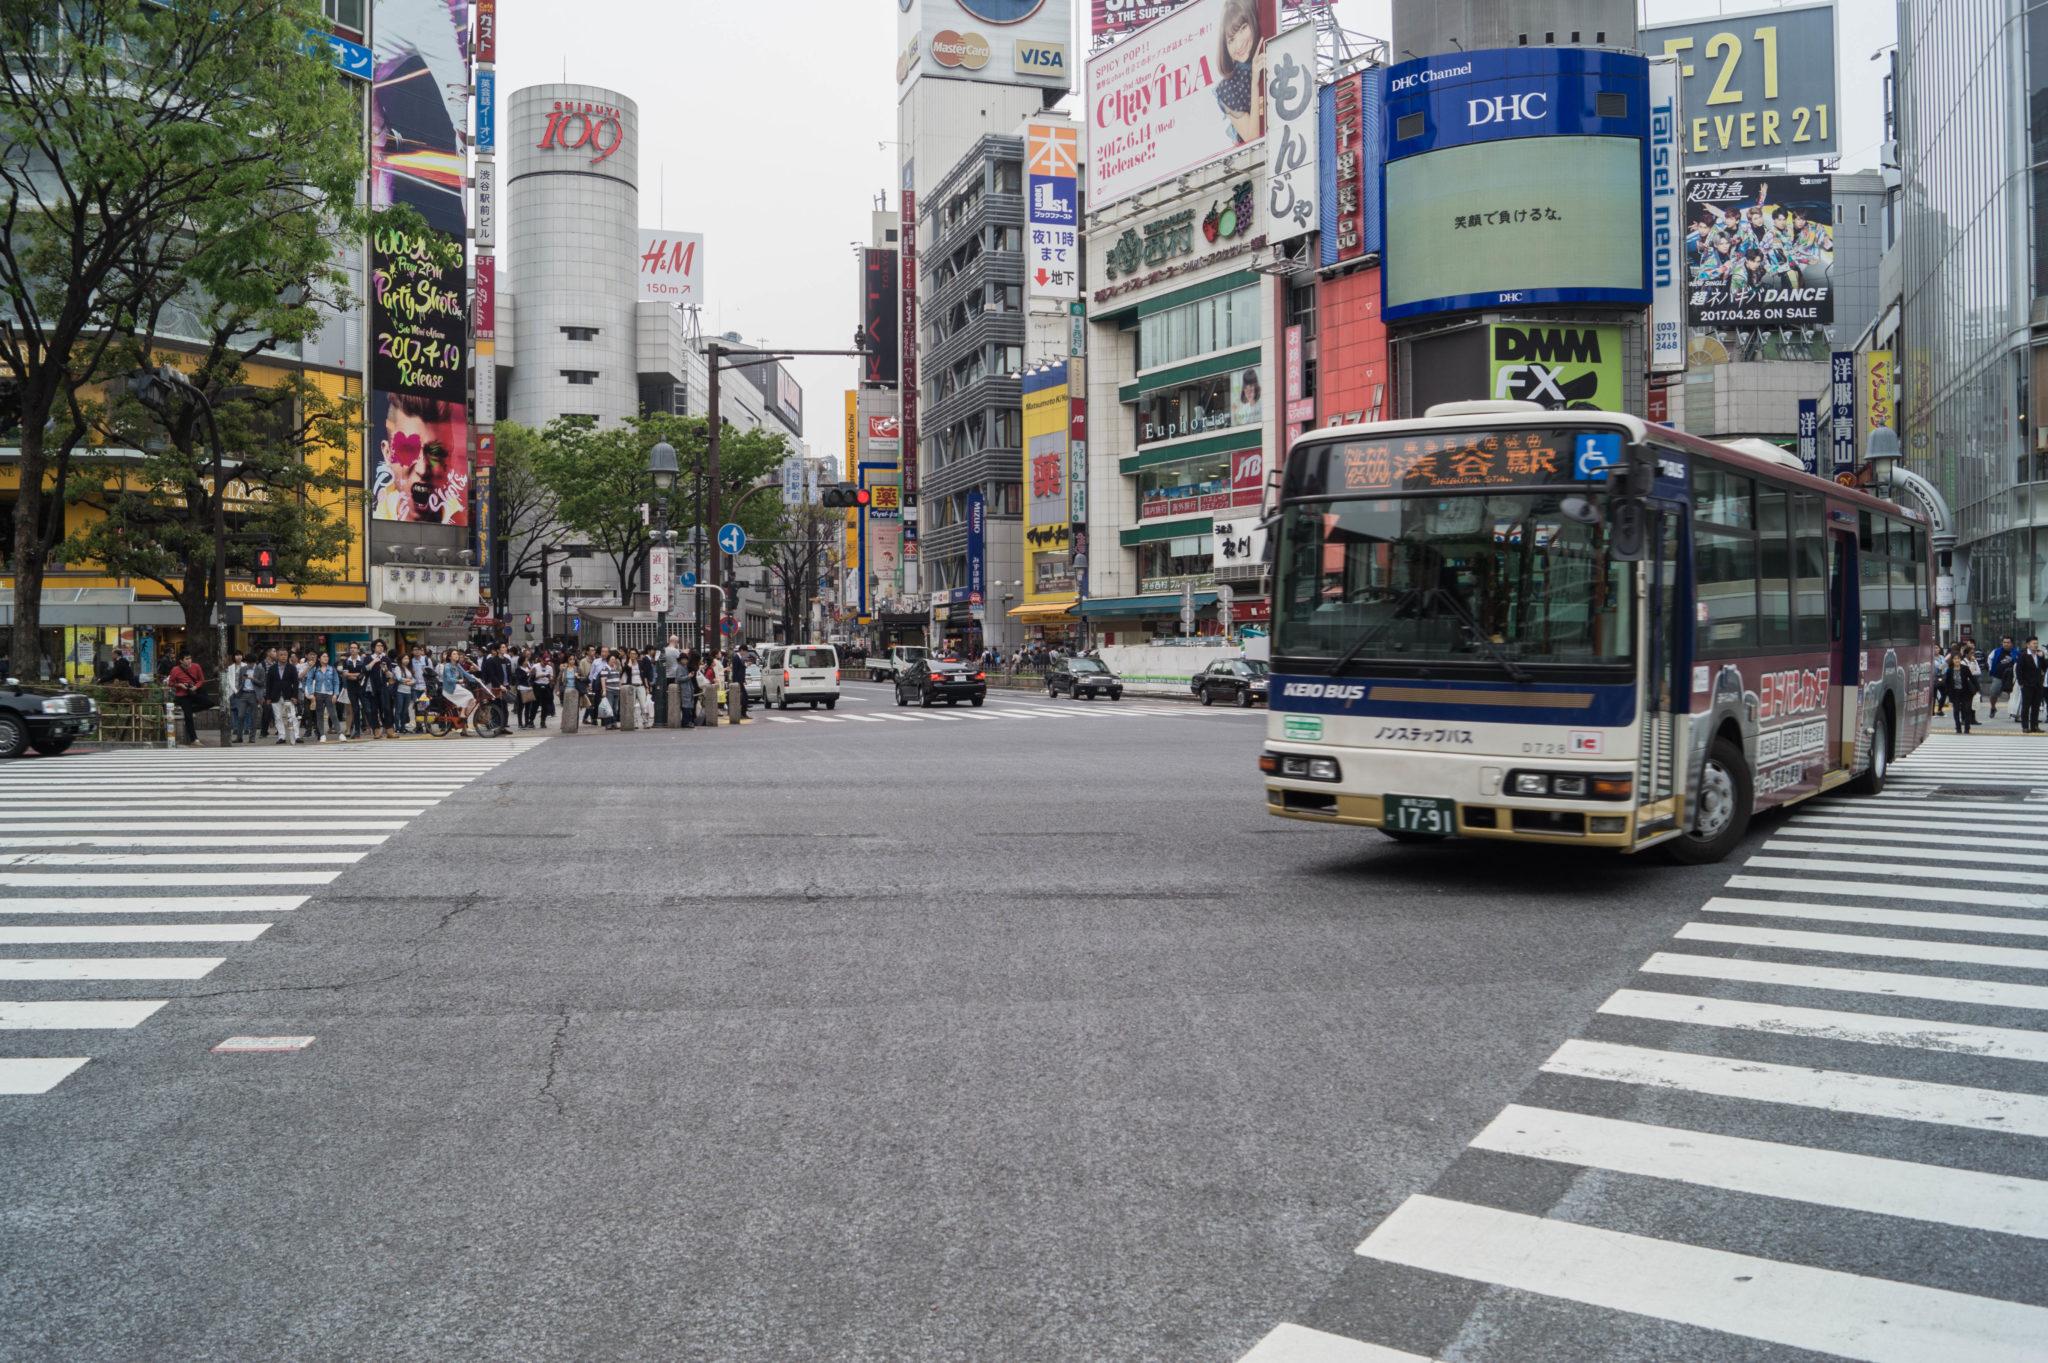 Busfahren in Japan ist sicherlich nicht einfach, aber günstig.